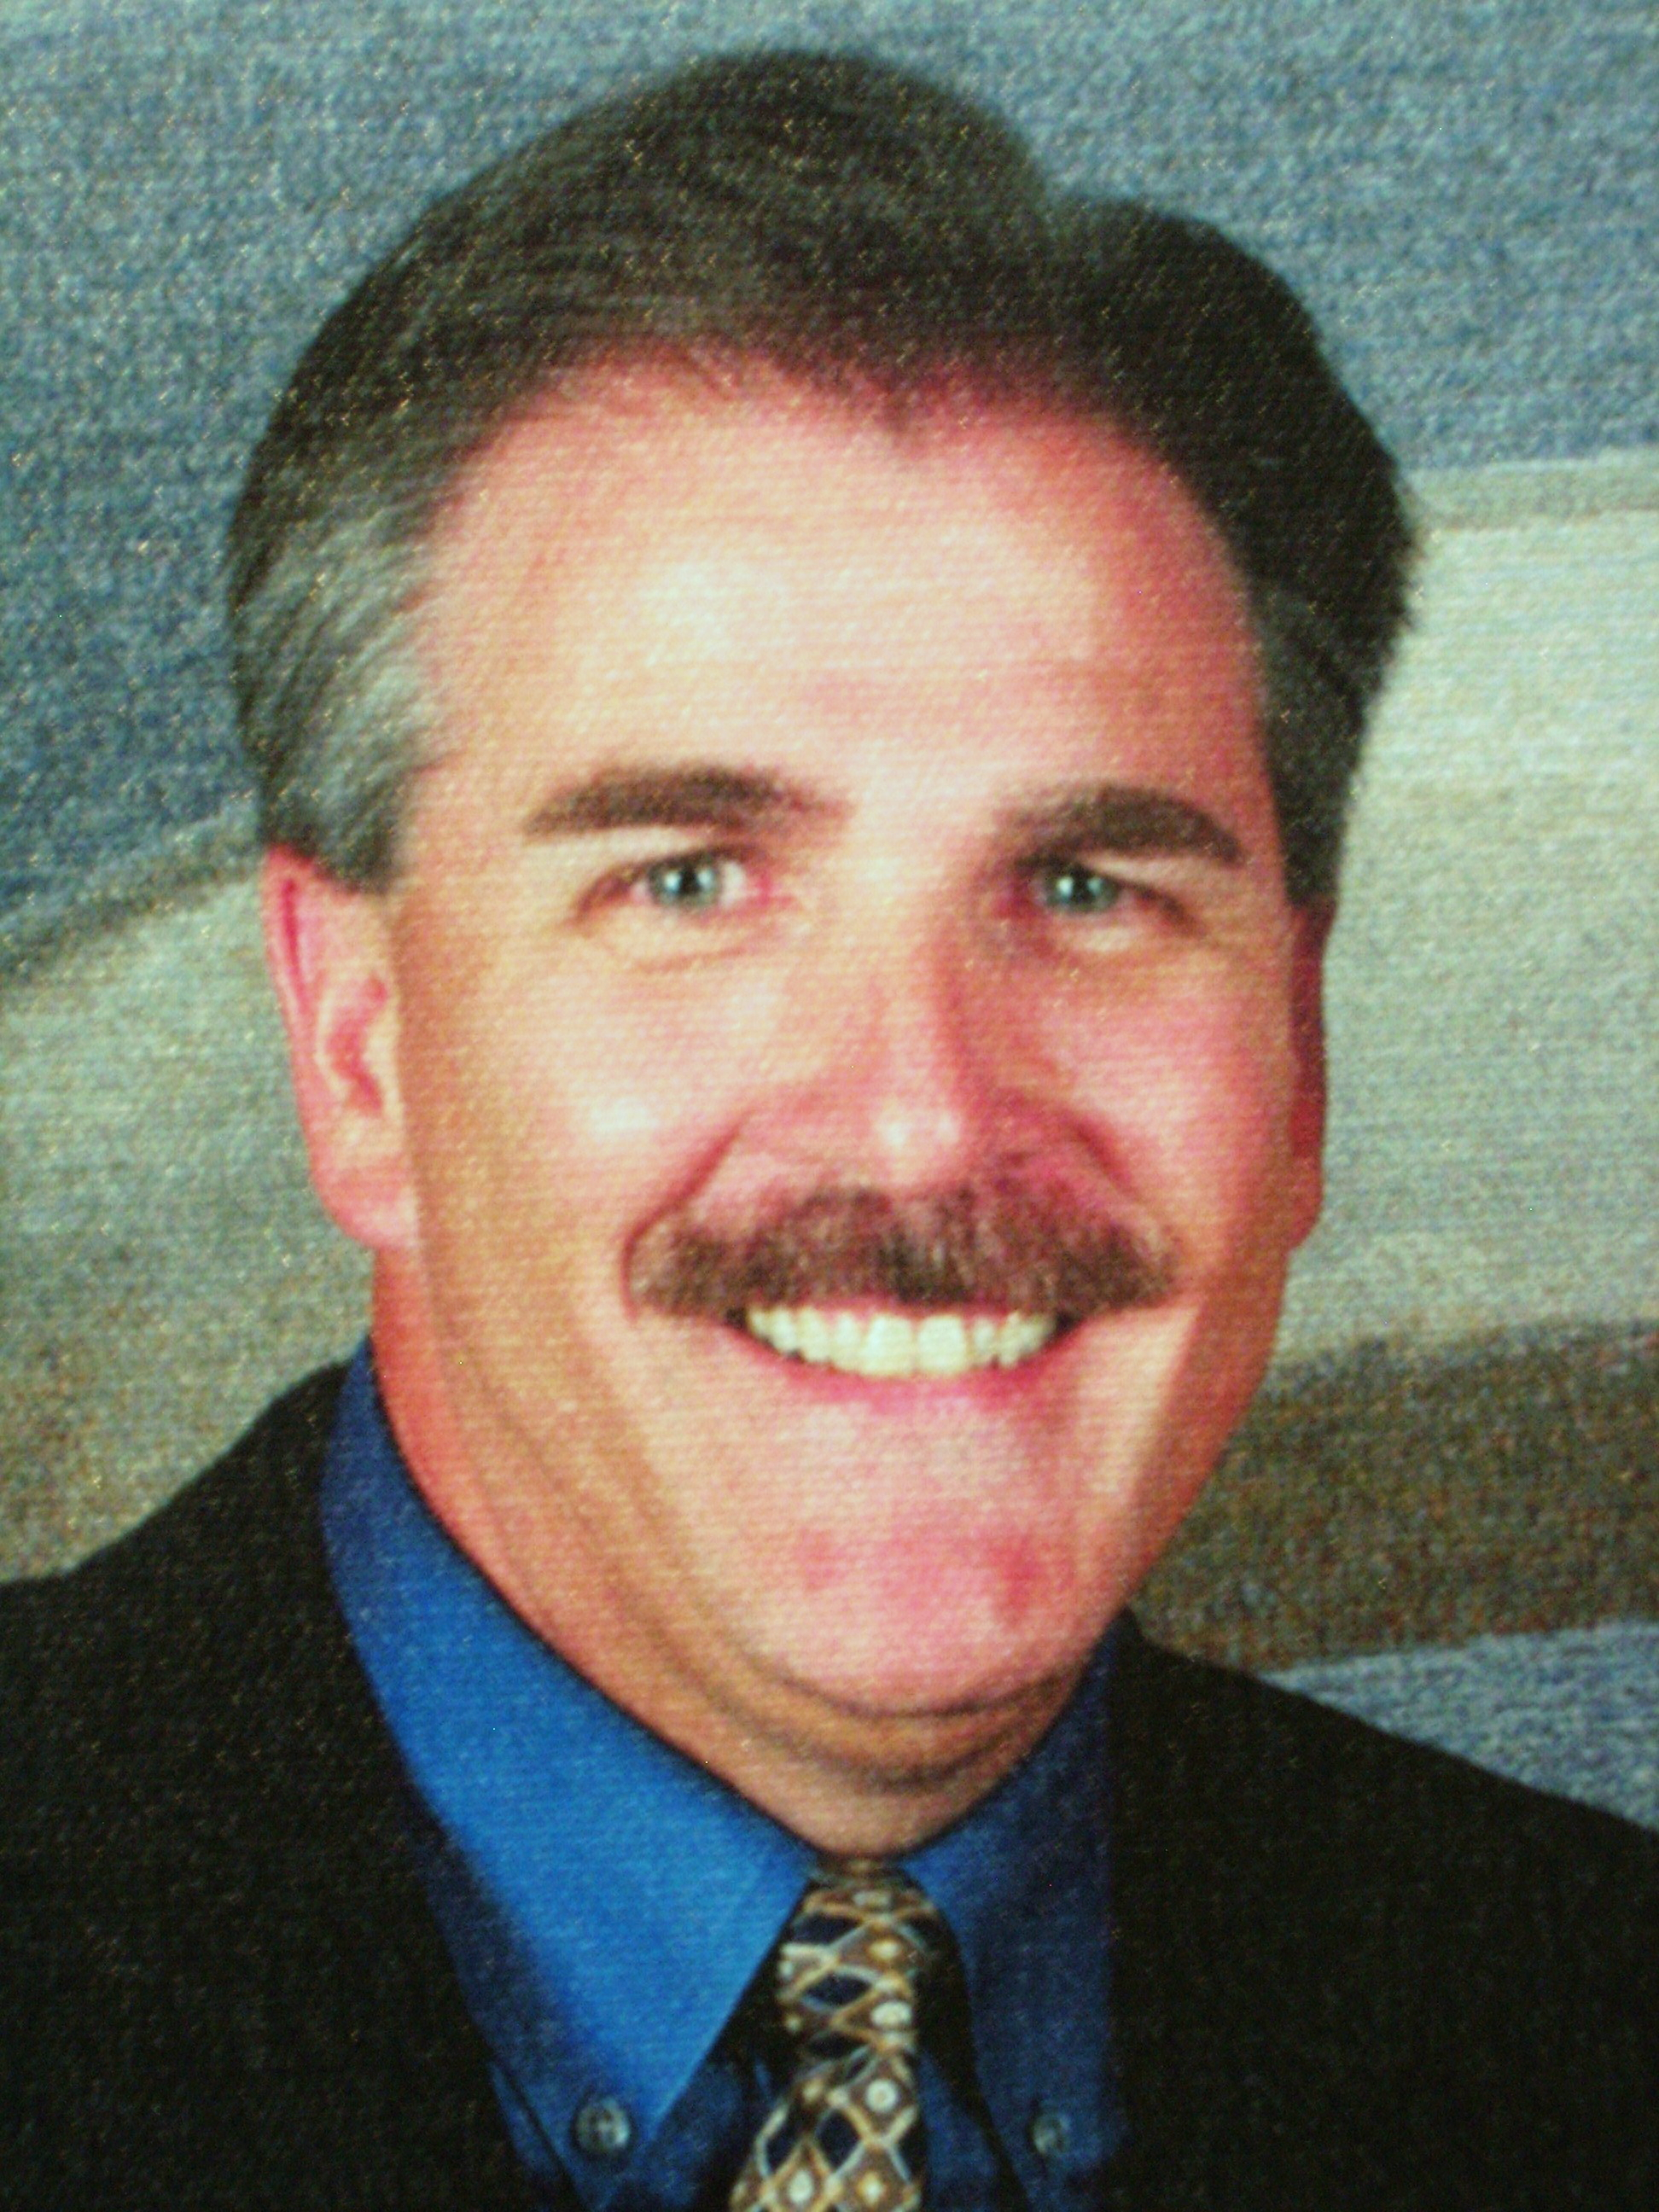 Todd Linaman